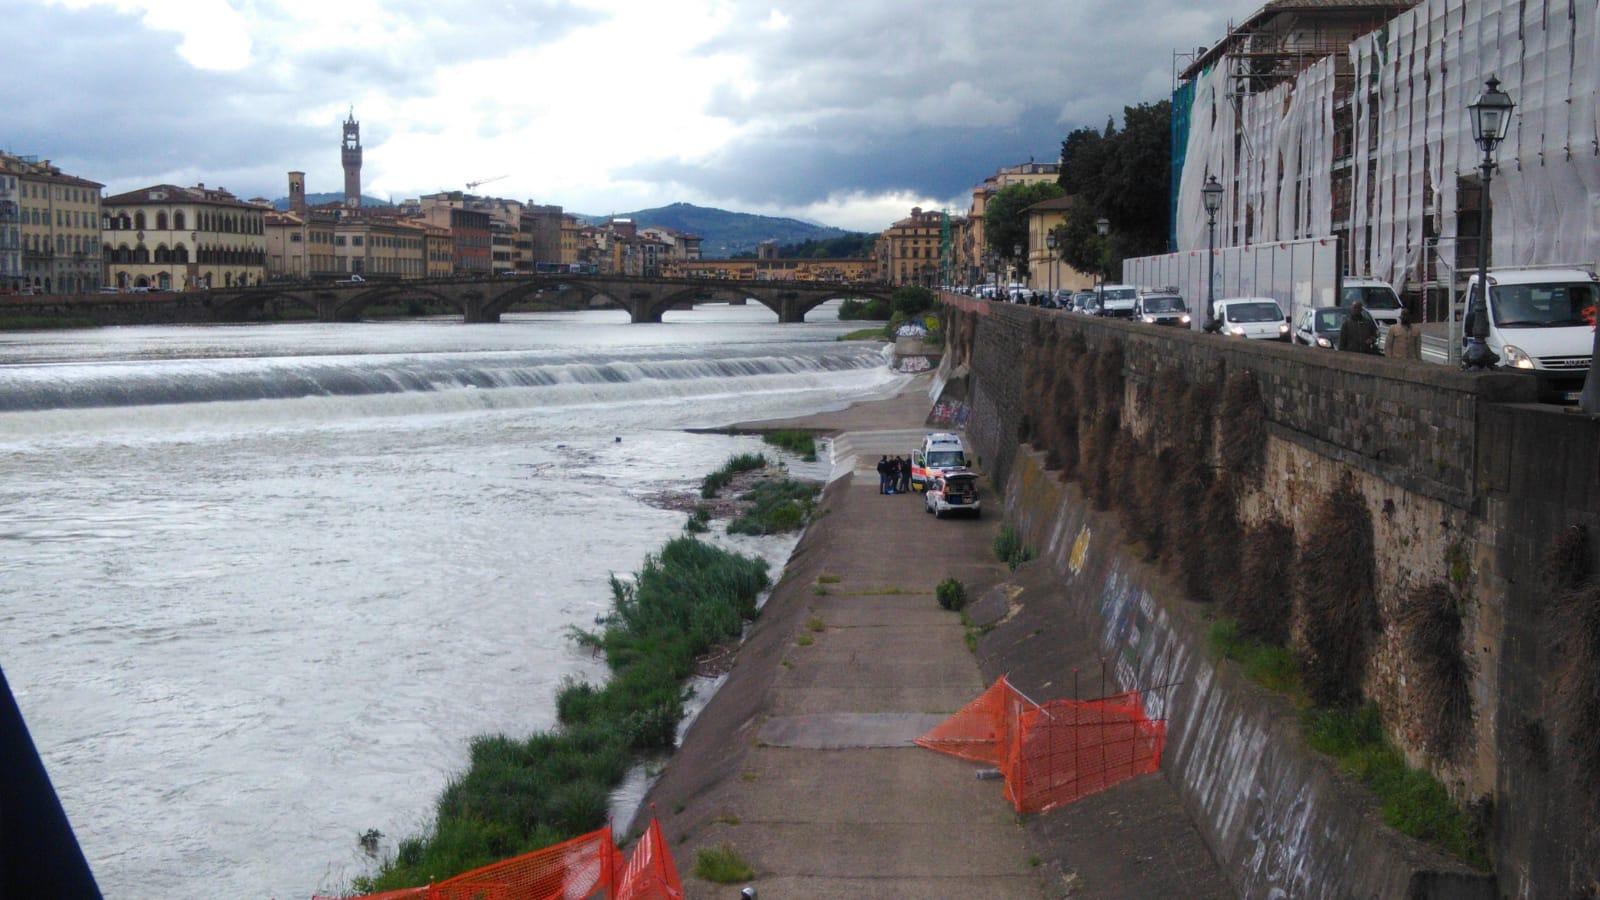 Uomo caduto in Arno2